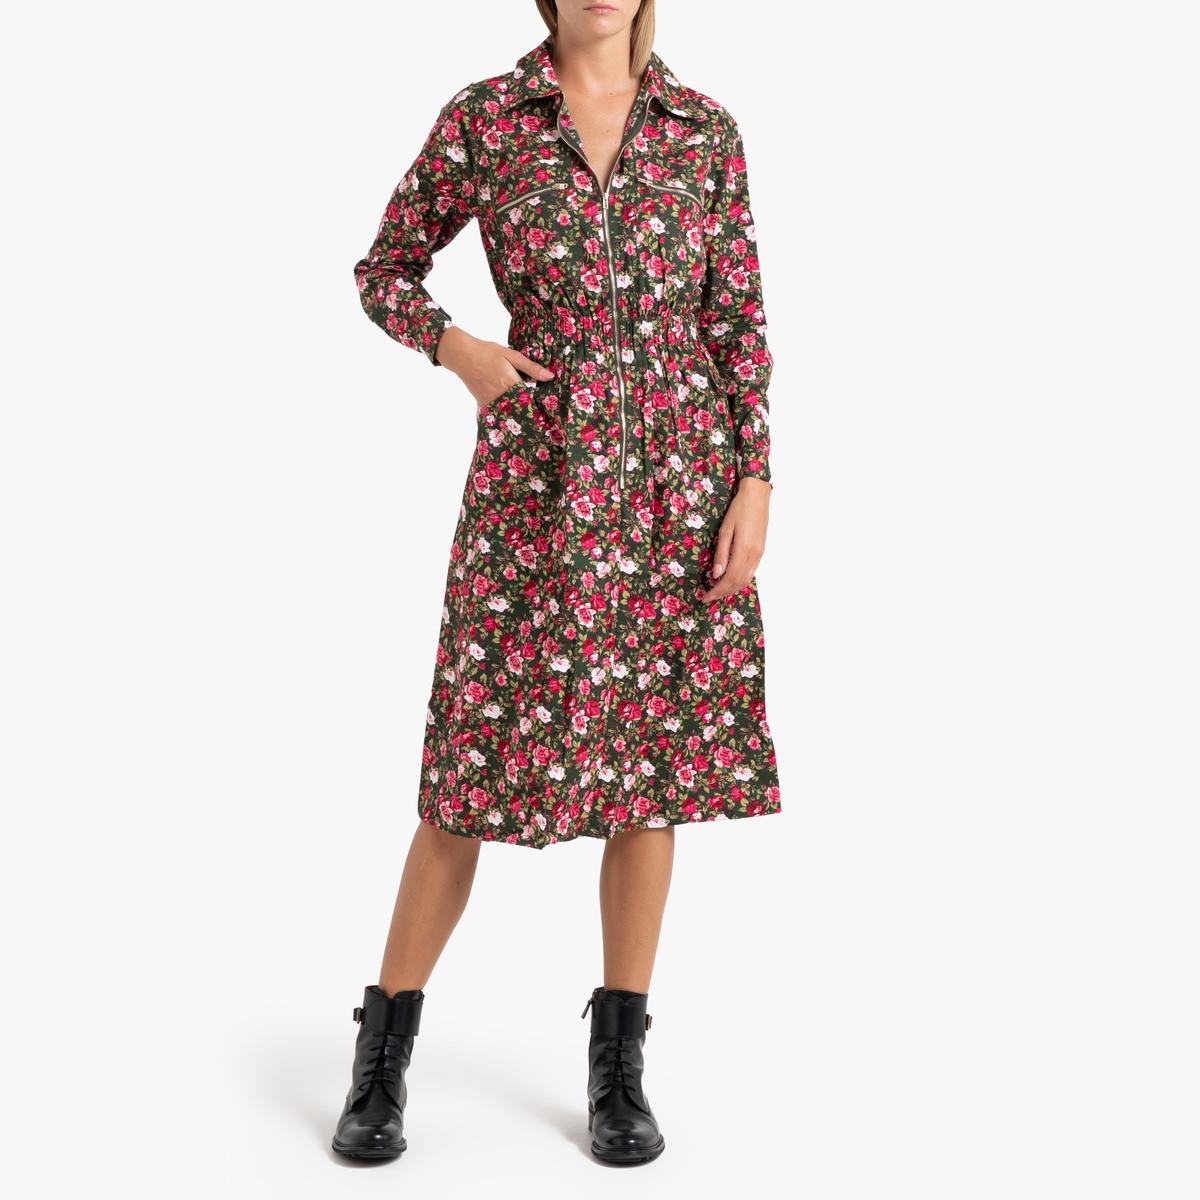 цена Платье La Redoute С цветочным принтом на молнии ABELINA L разноцветный онлайн в 2017 году